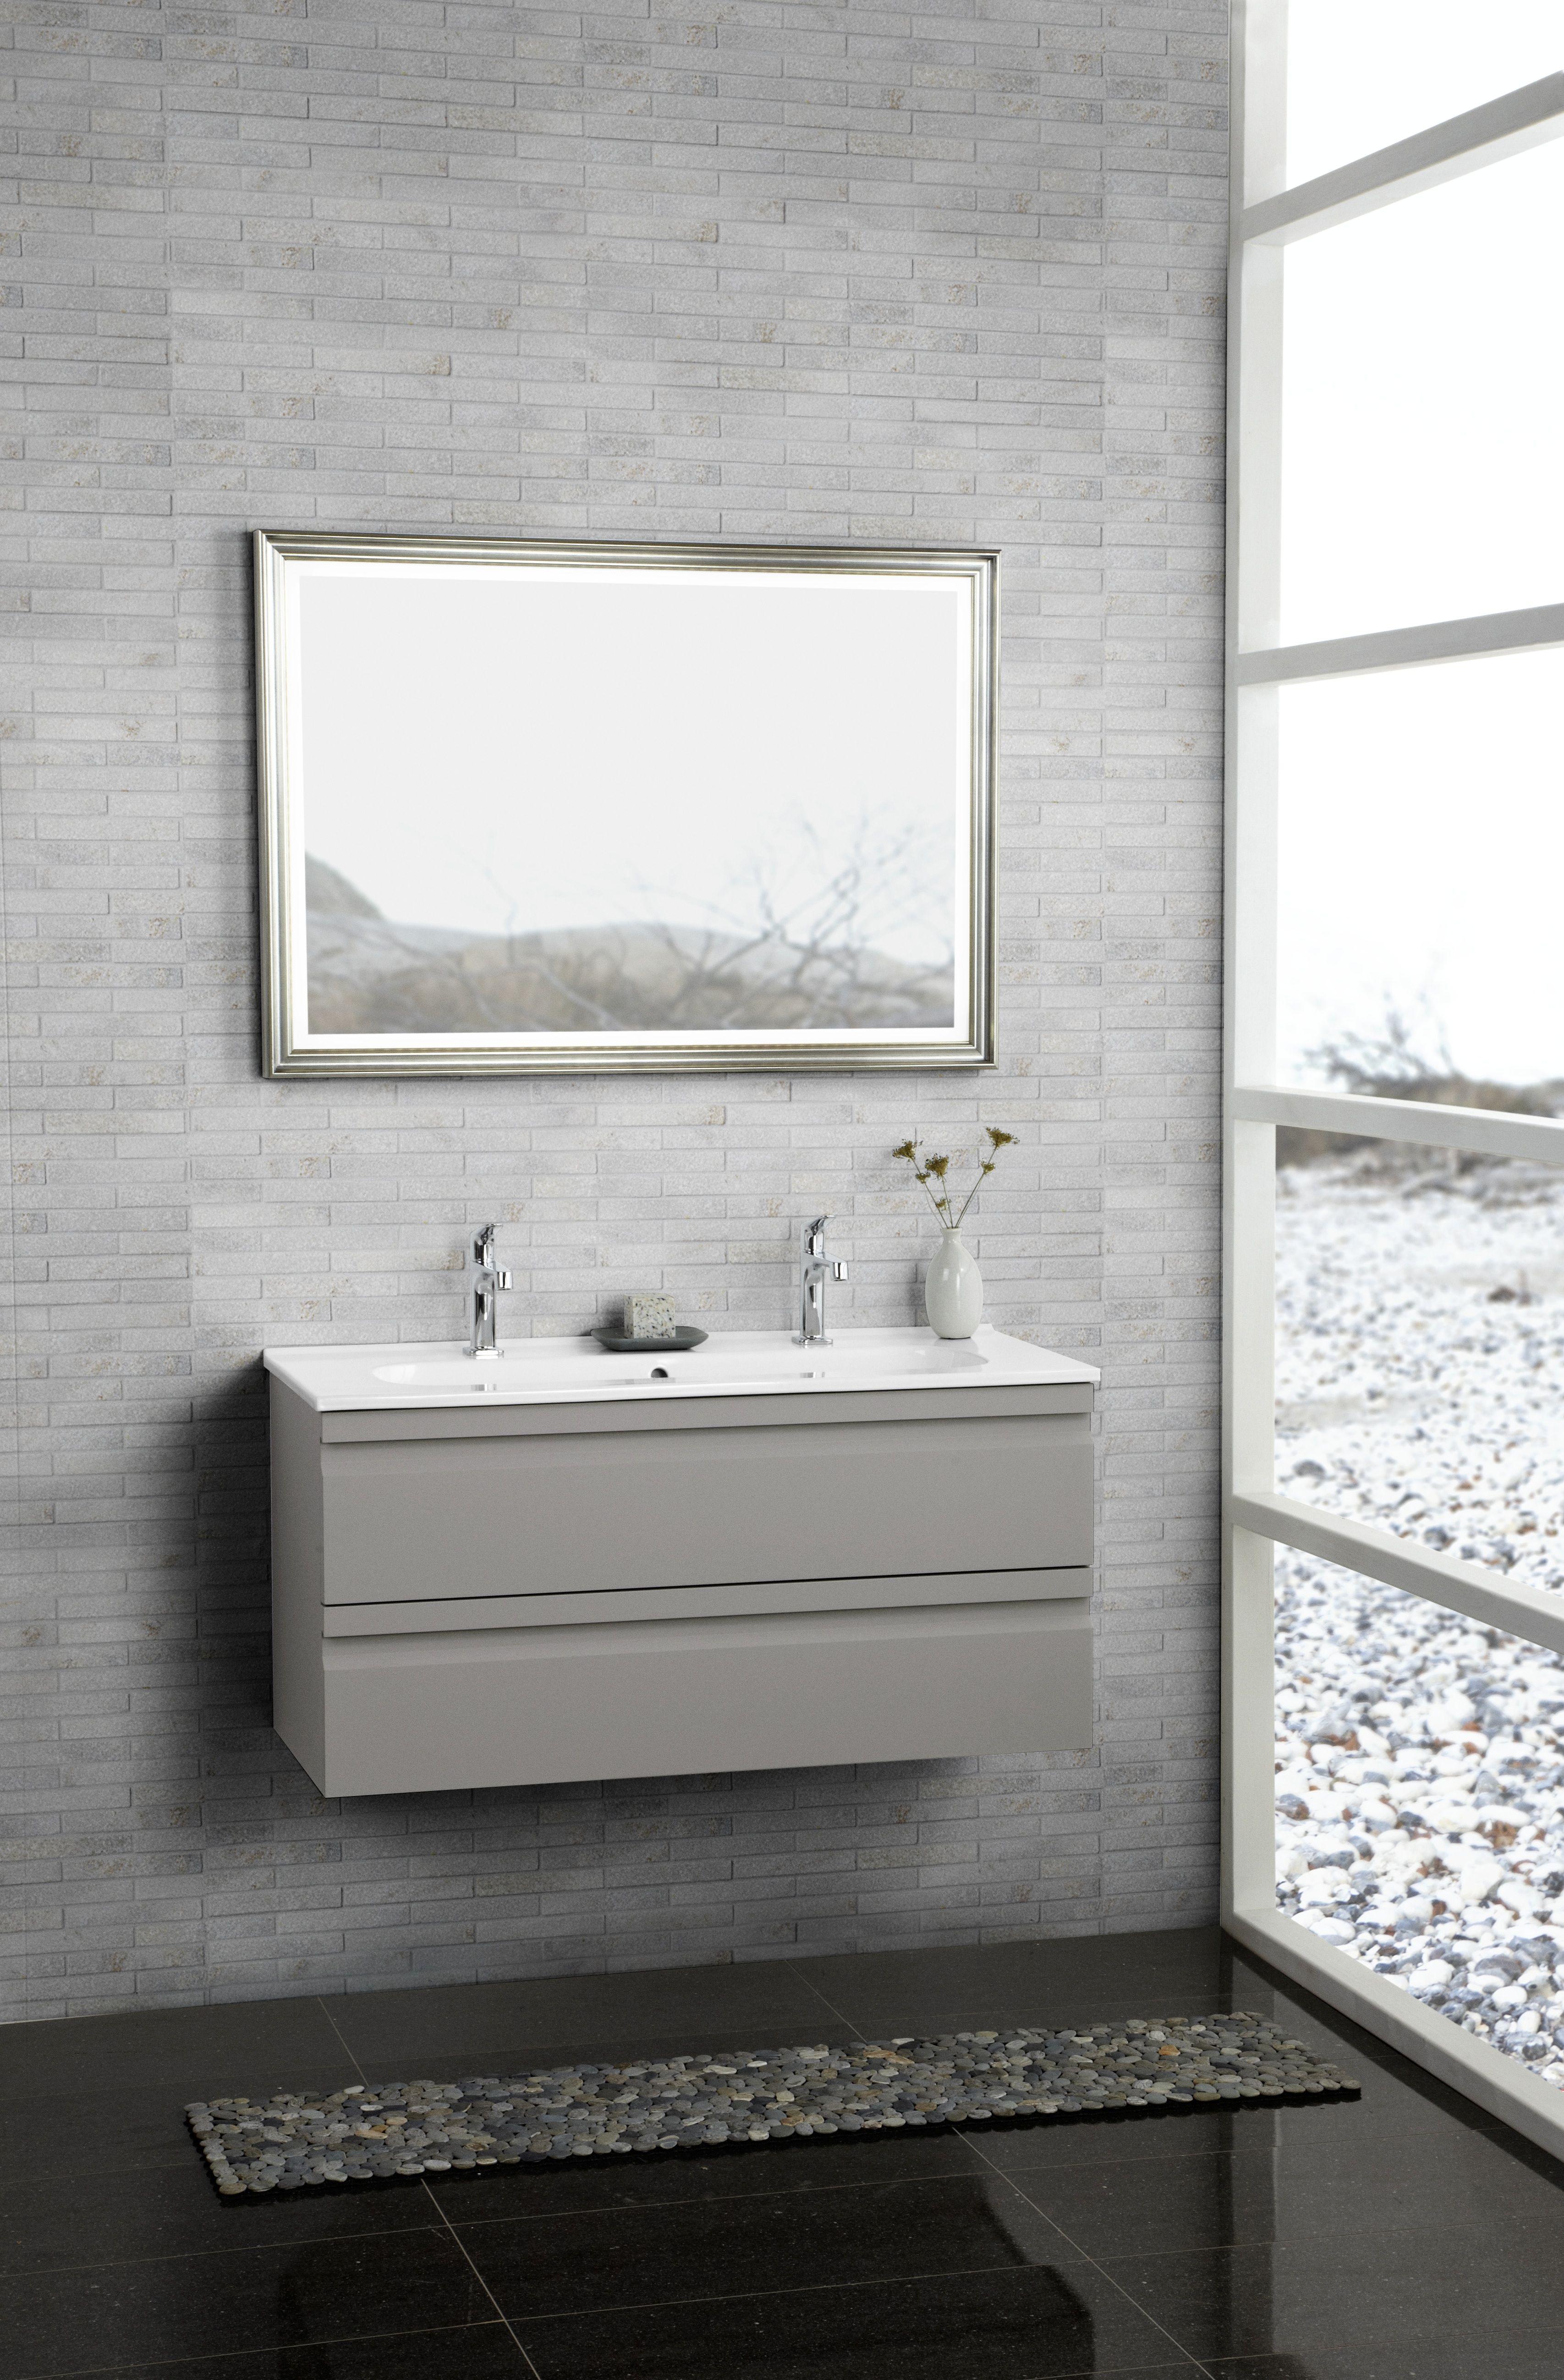 Grau Badezimmer Mobel Badezimmer Grau Badezimmer Badezimmer Mobel